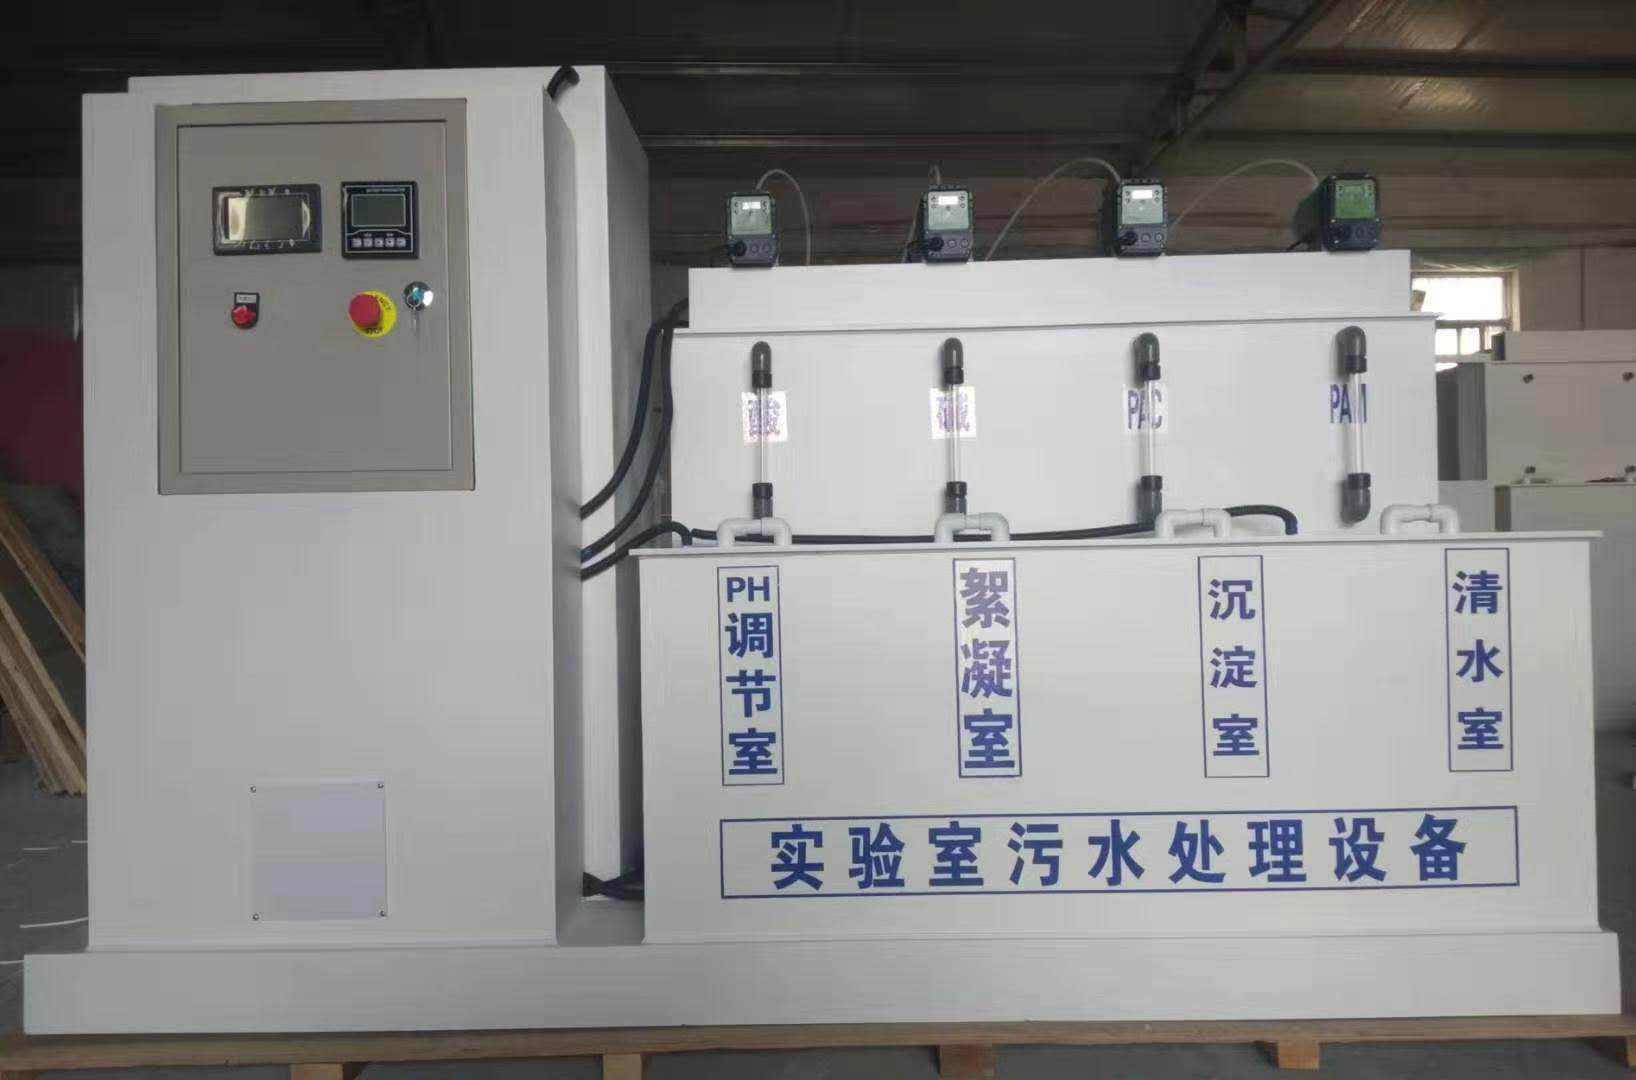 張掖/平涼講講什么樣的場所需要配備實驗室污水處理設備?